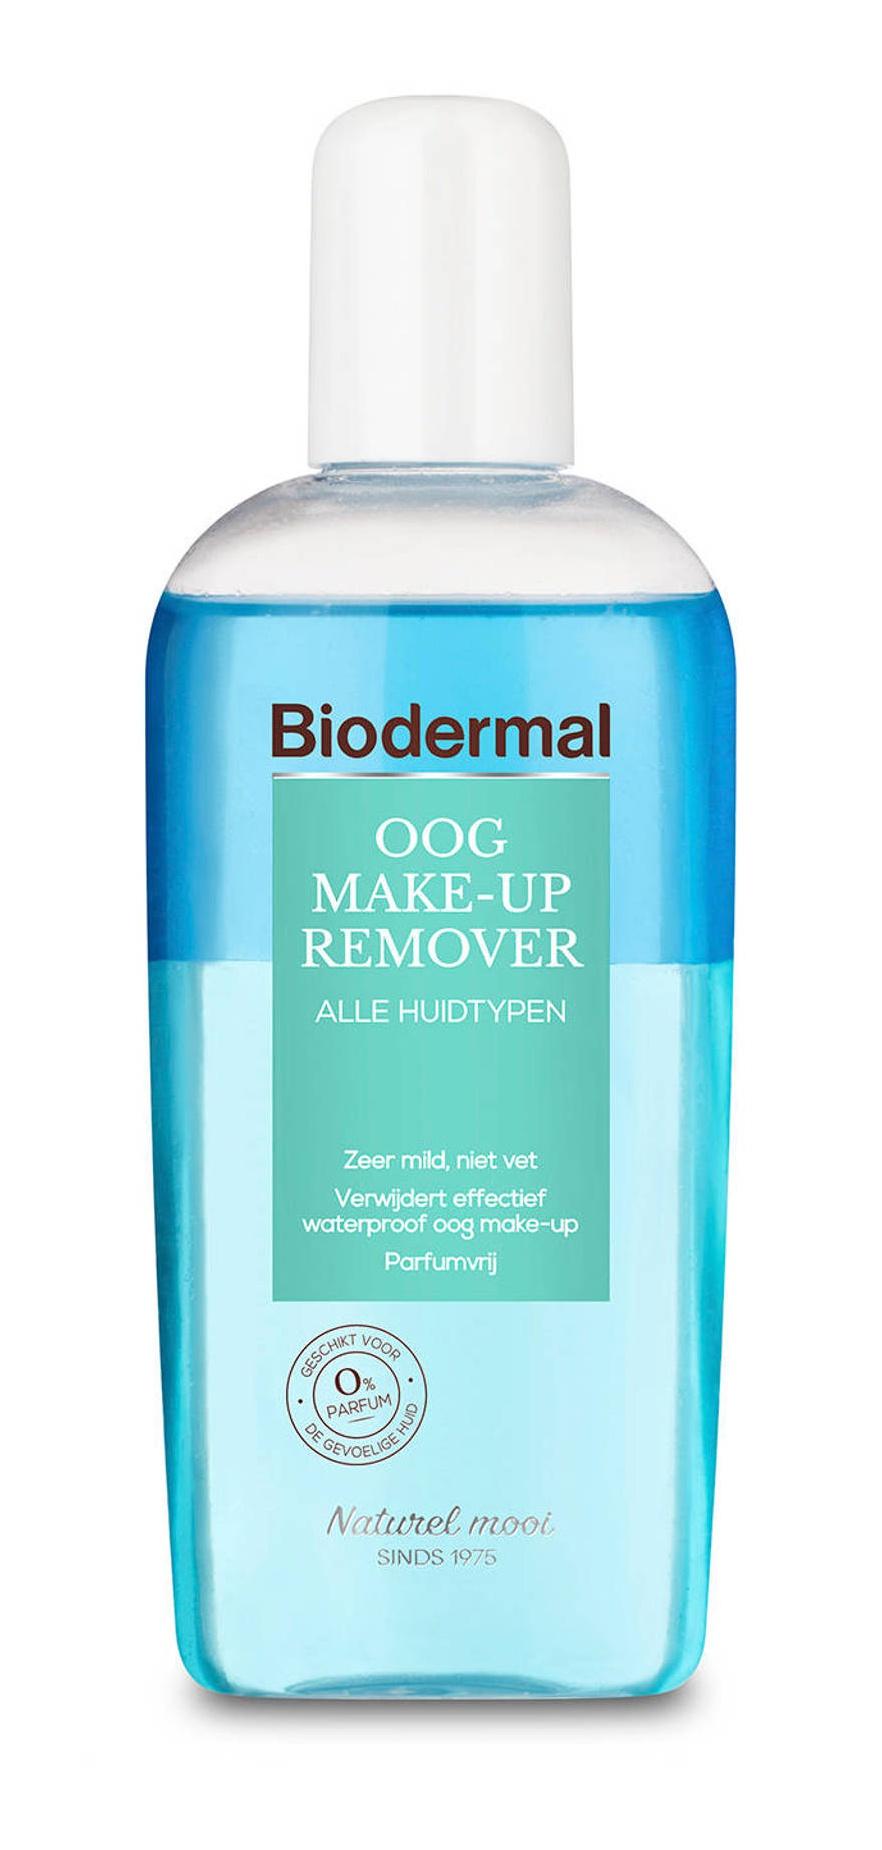 Biodermal Oog Make-up Remover / Eye Make-up Remover